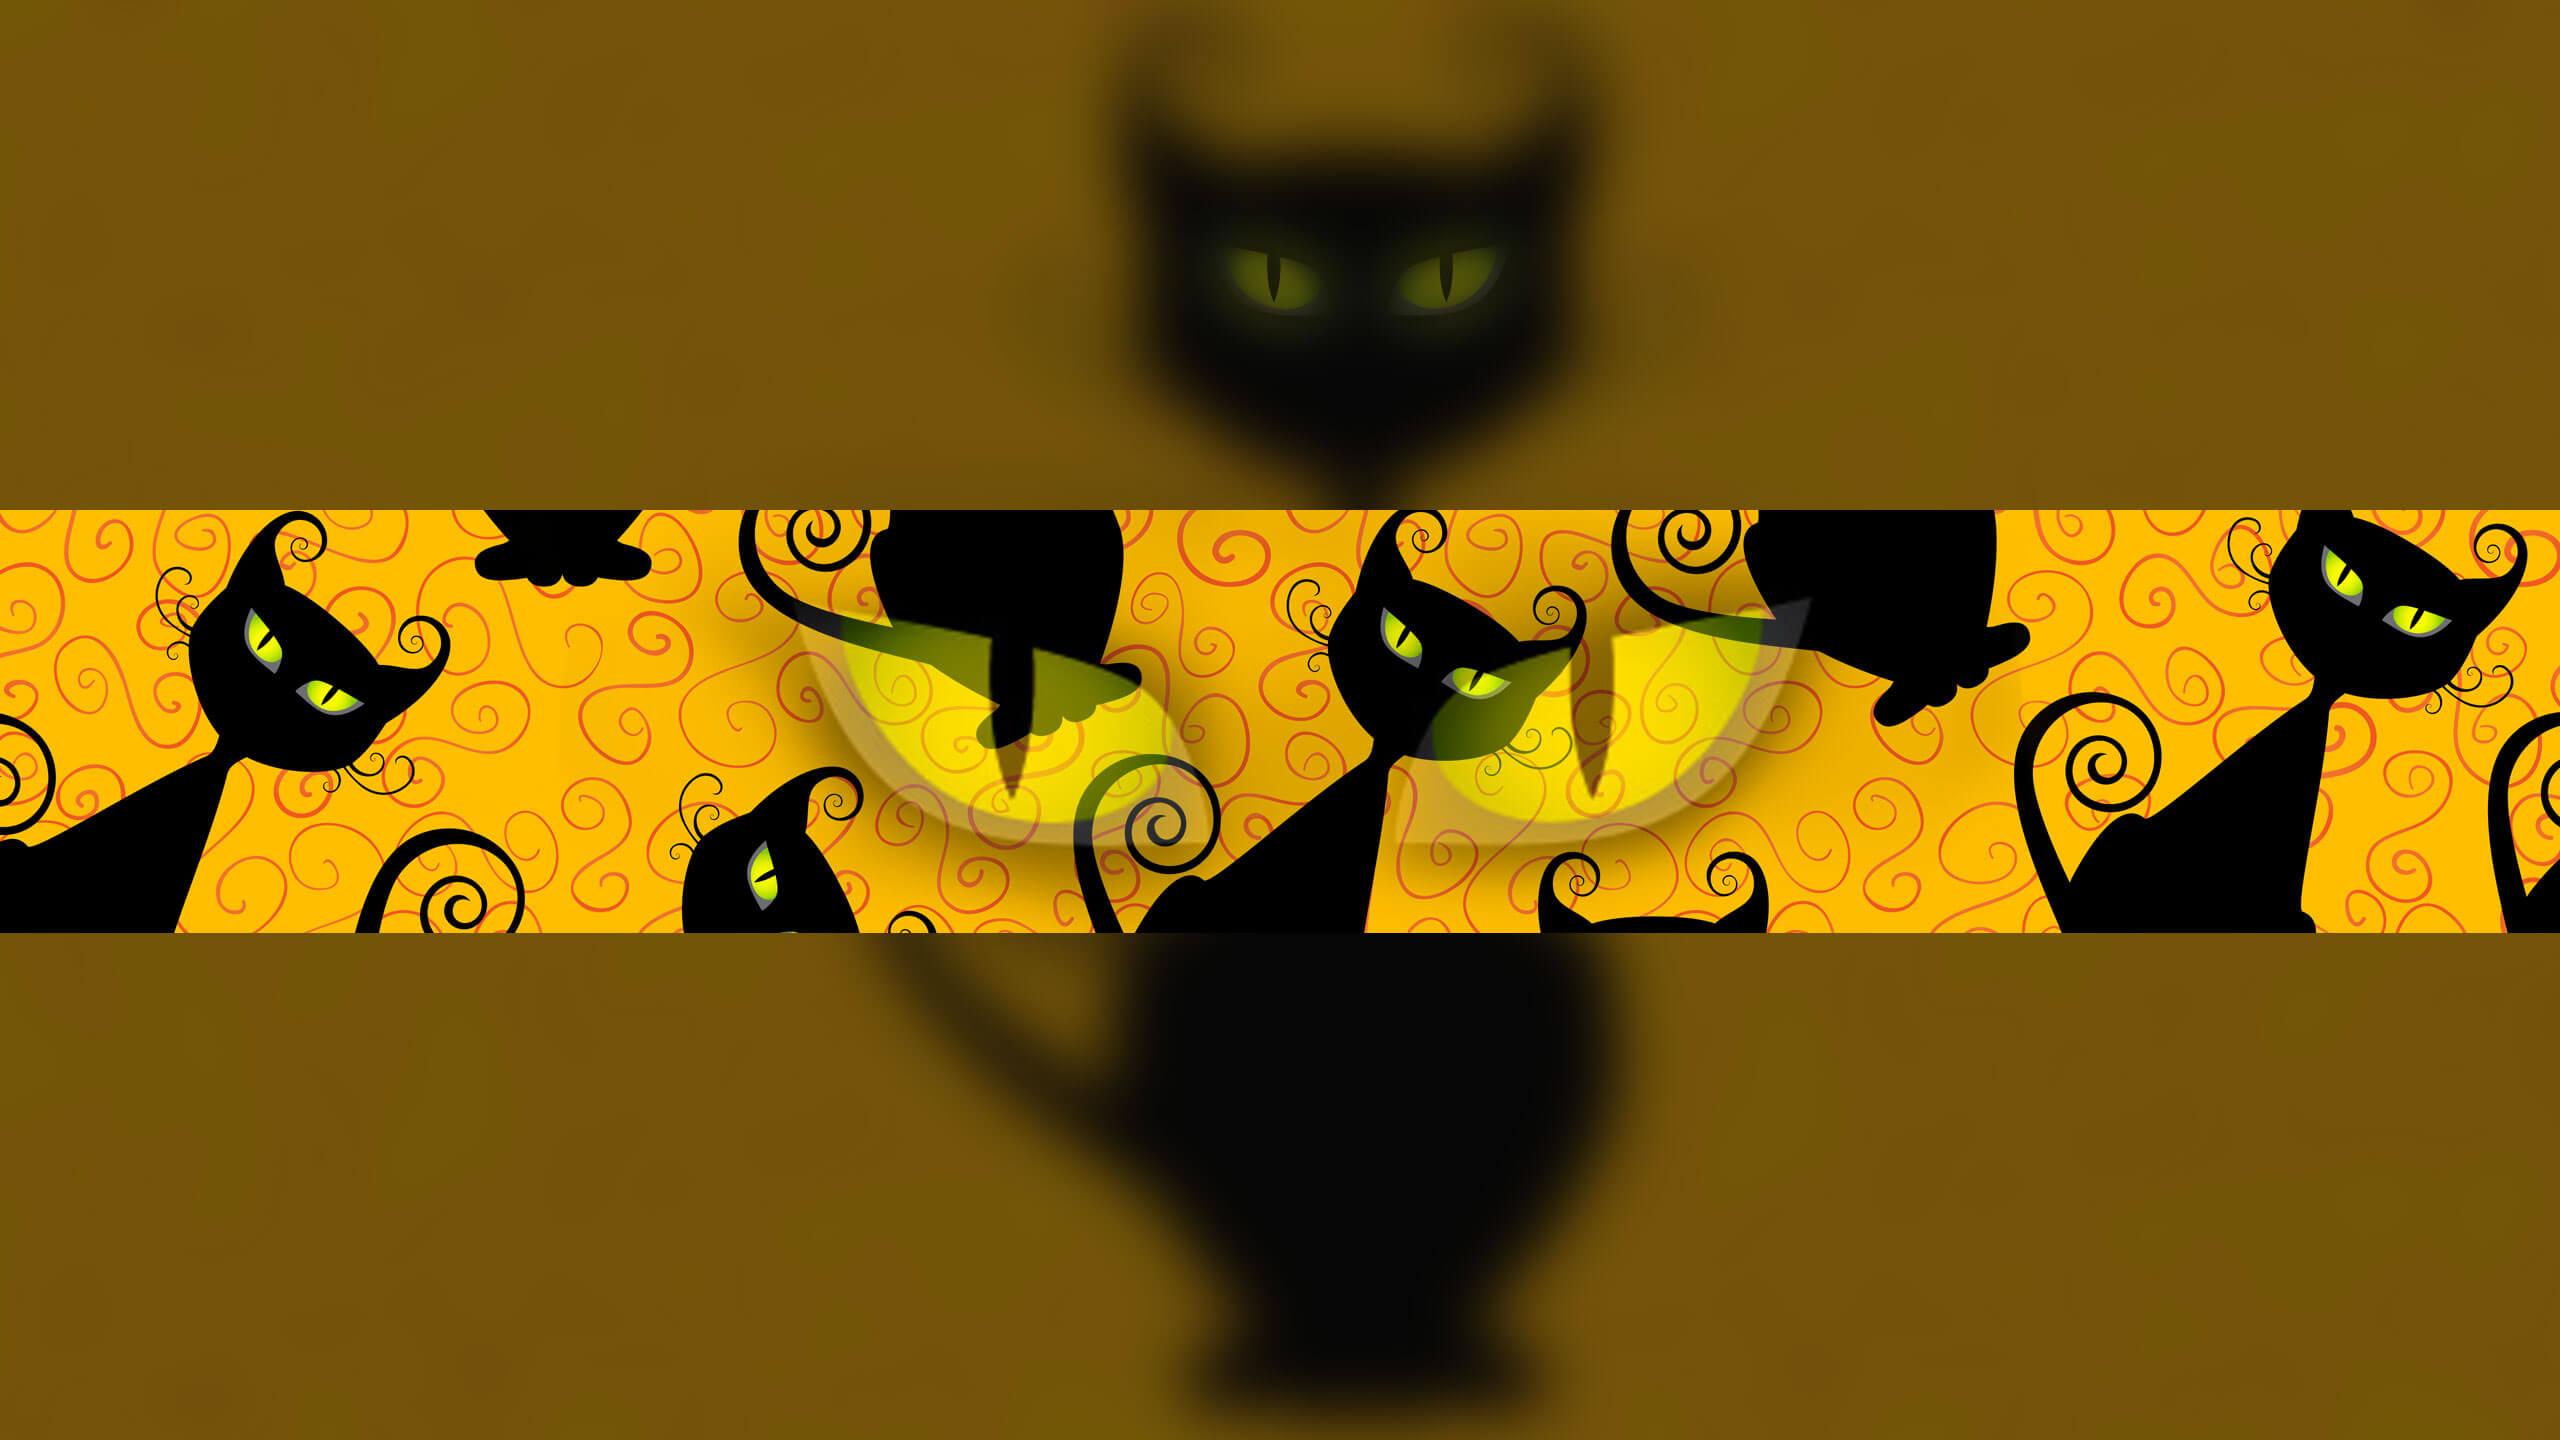 Жёлтая картинка с чёрными кошками для шапки ютуб